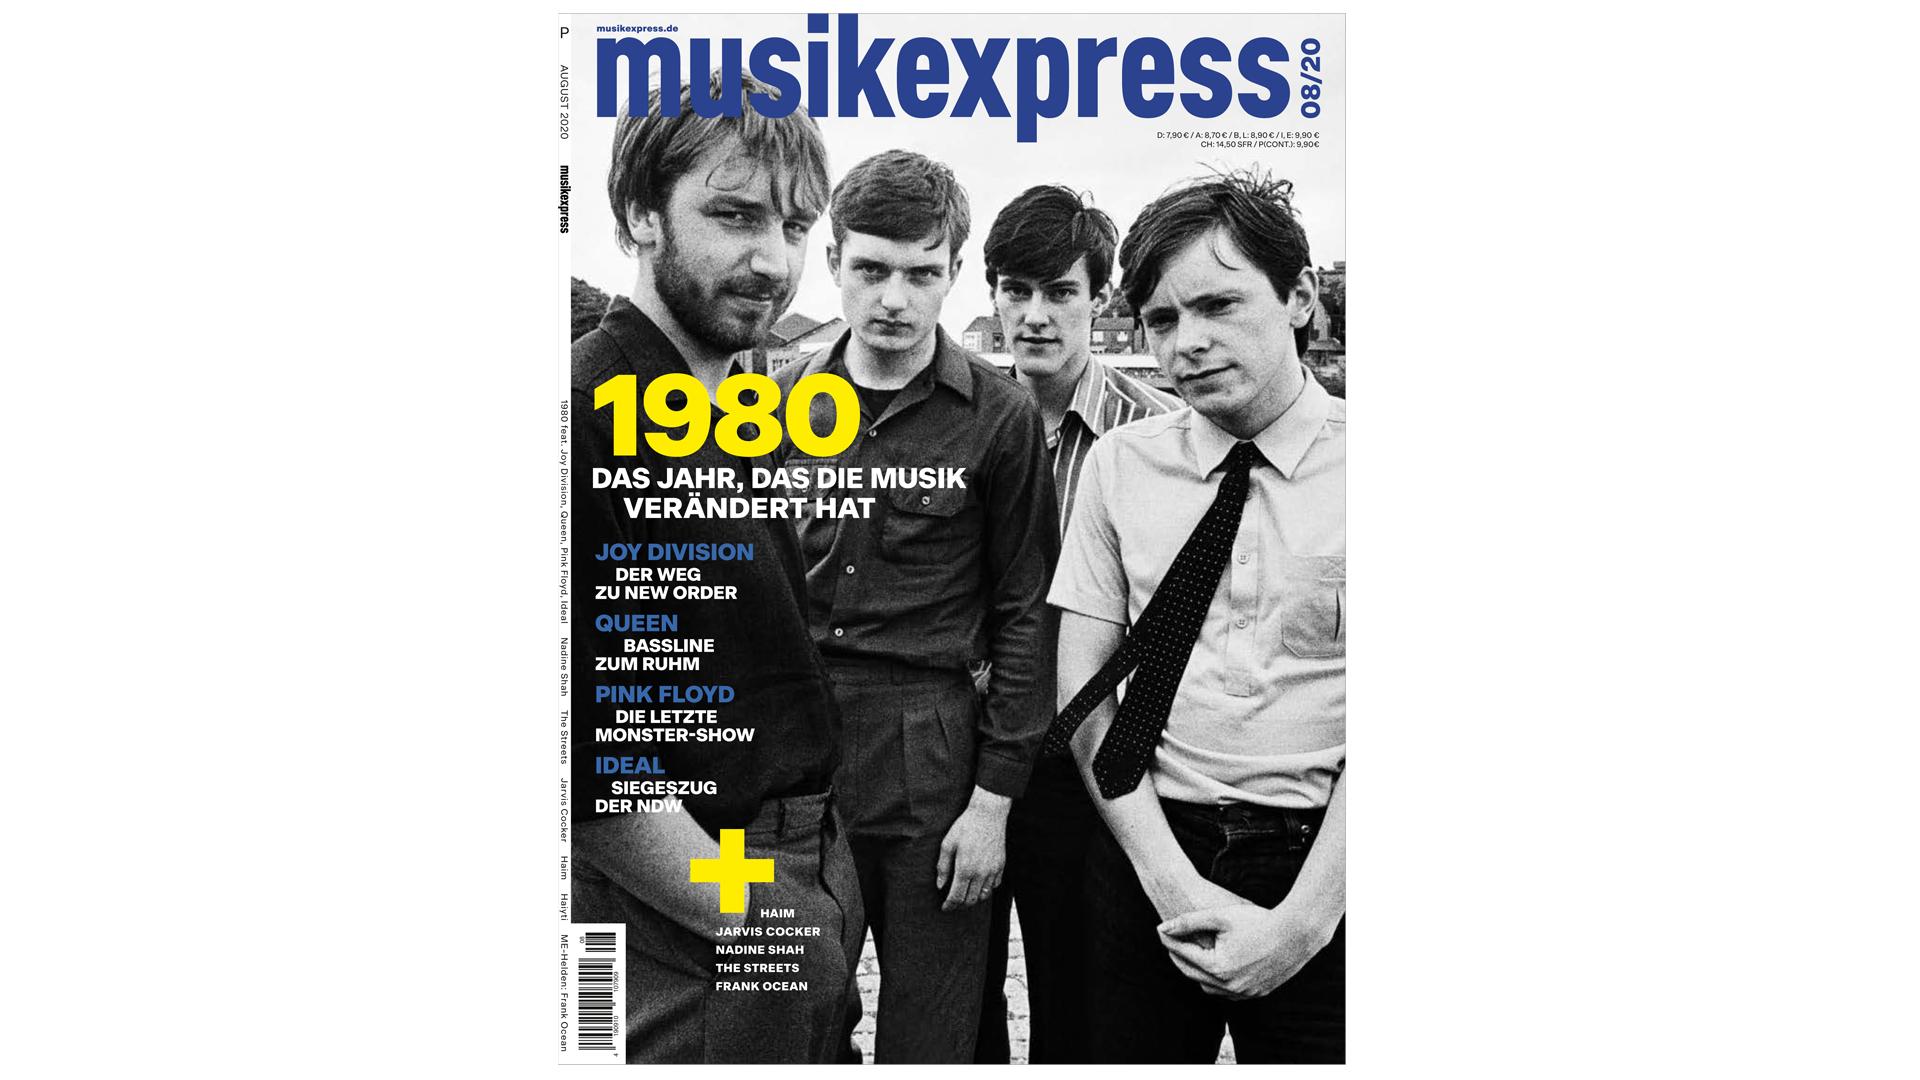 Mit großem 1980-Special, Joy Division, Queen, Nadine Shah und Frank Ocean: Der neue Musikexpress ist da!